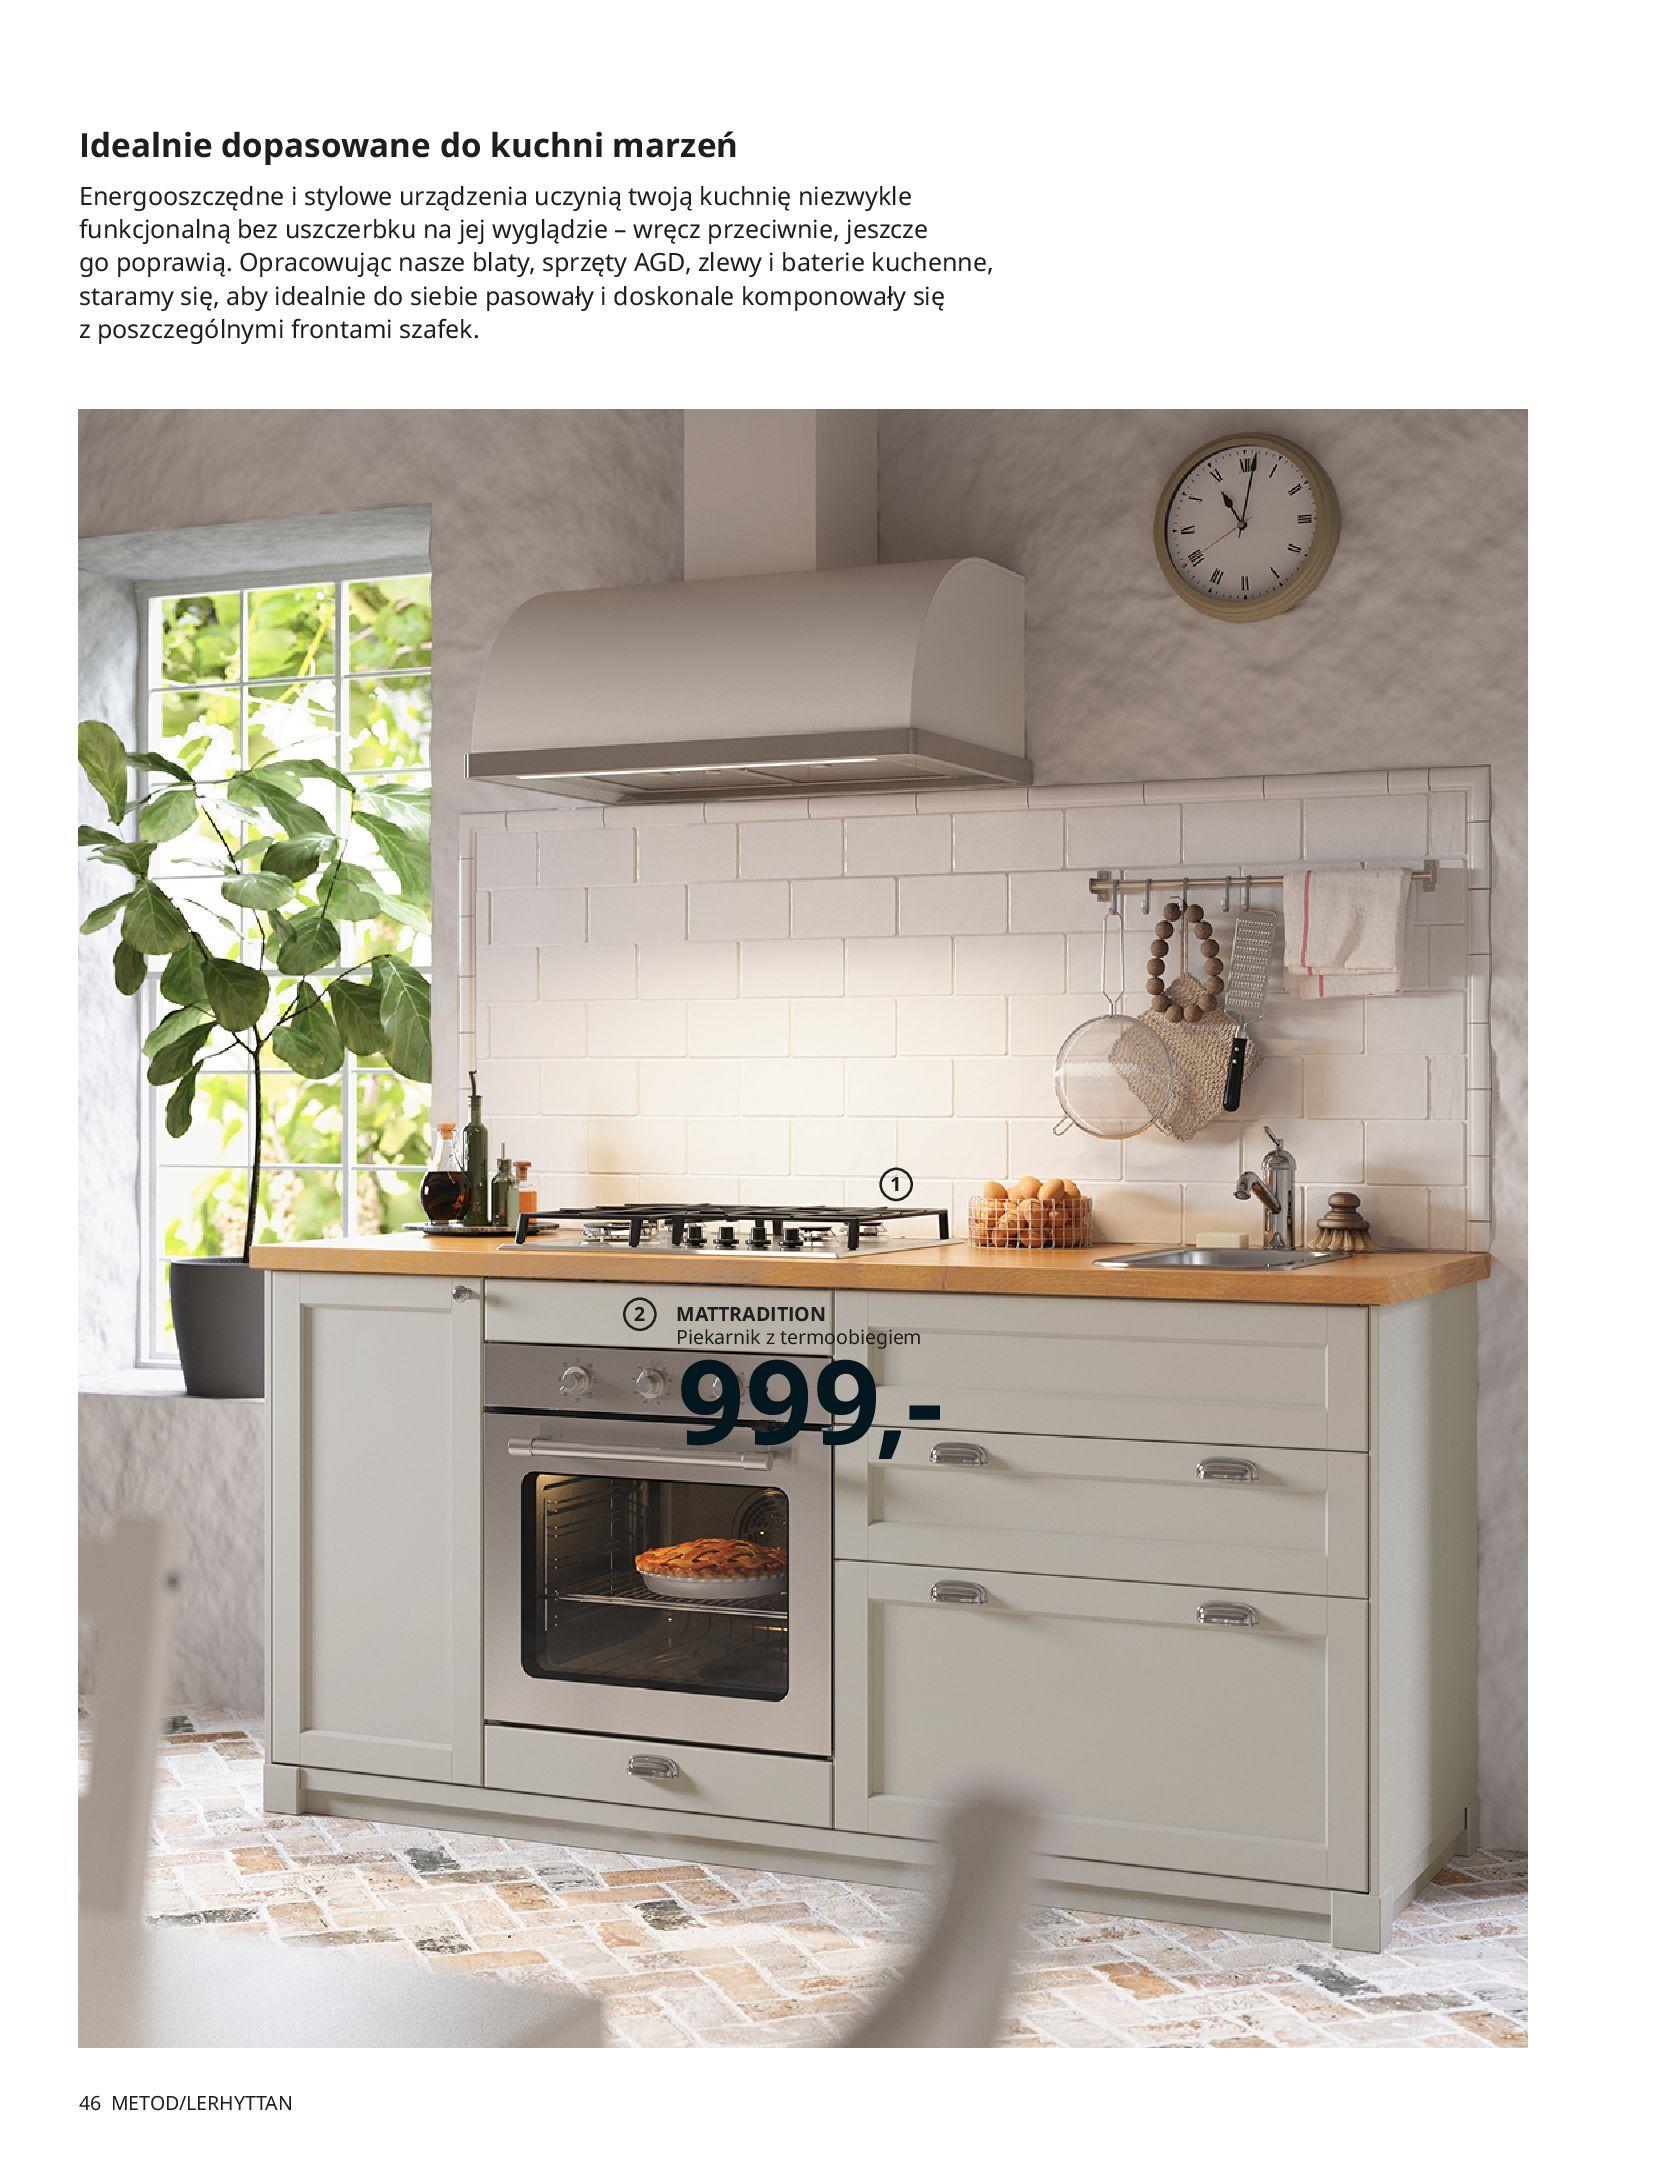 Gazetka IKEA: KUCHNIE 2021 2021-01-13 page-46